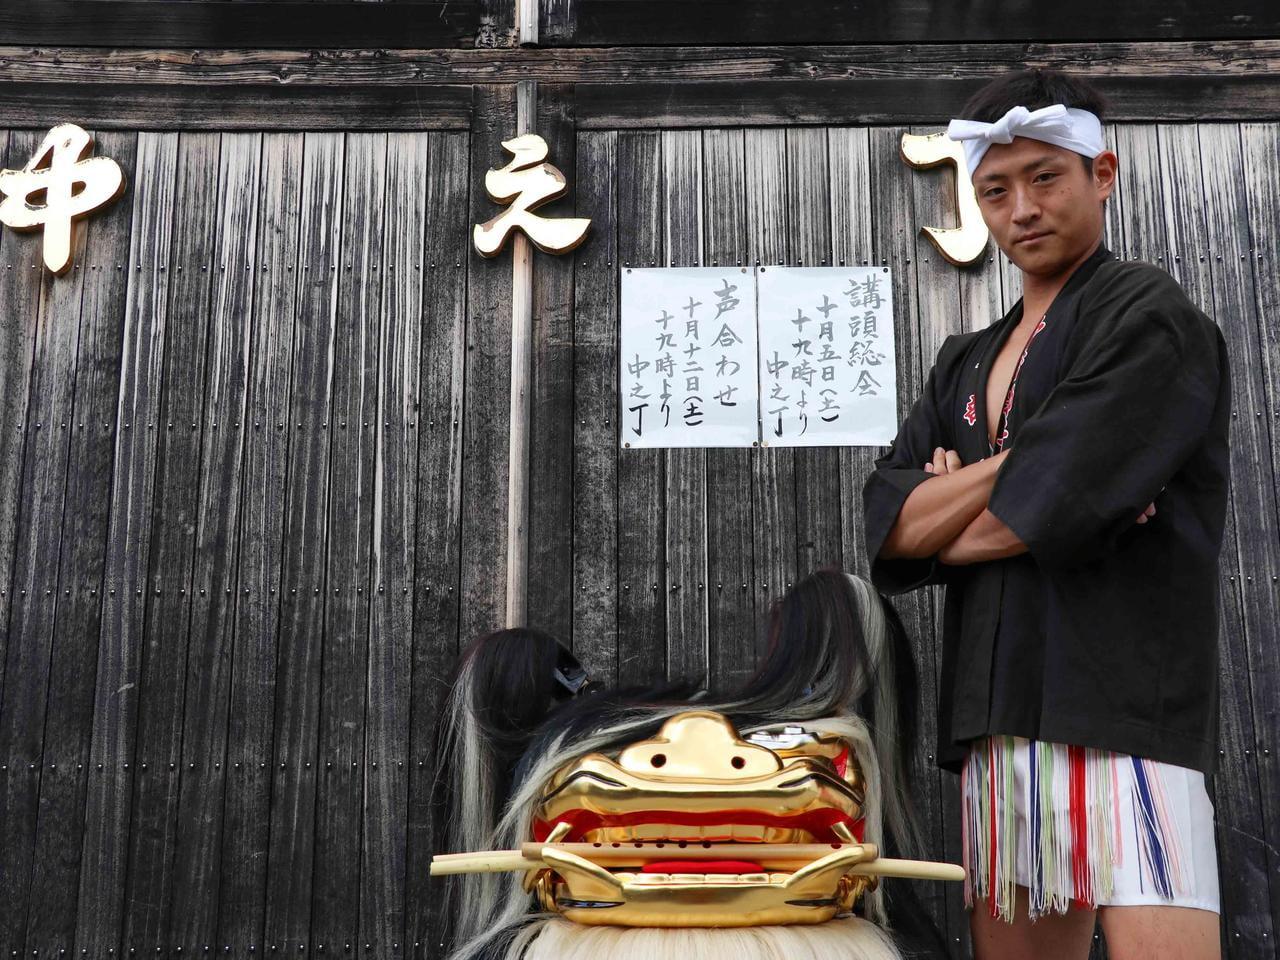 【播州秋祭り】大塩天満宮の祭オトコ~観衆を魅力するいい男の素顔vol.2~mitai presents